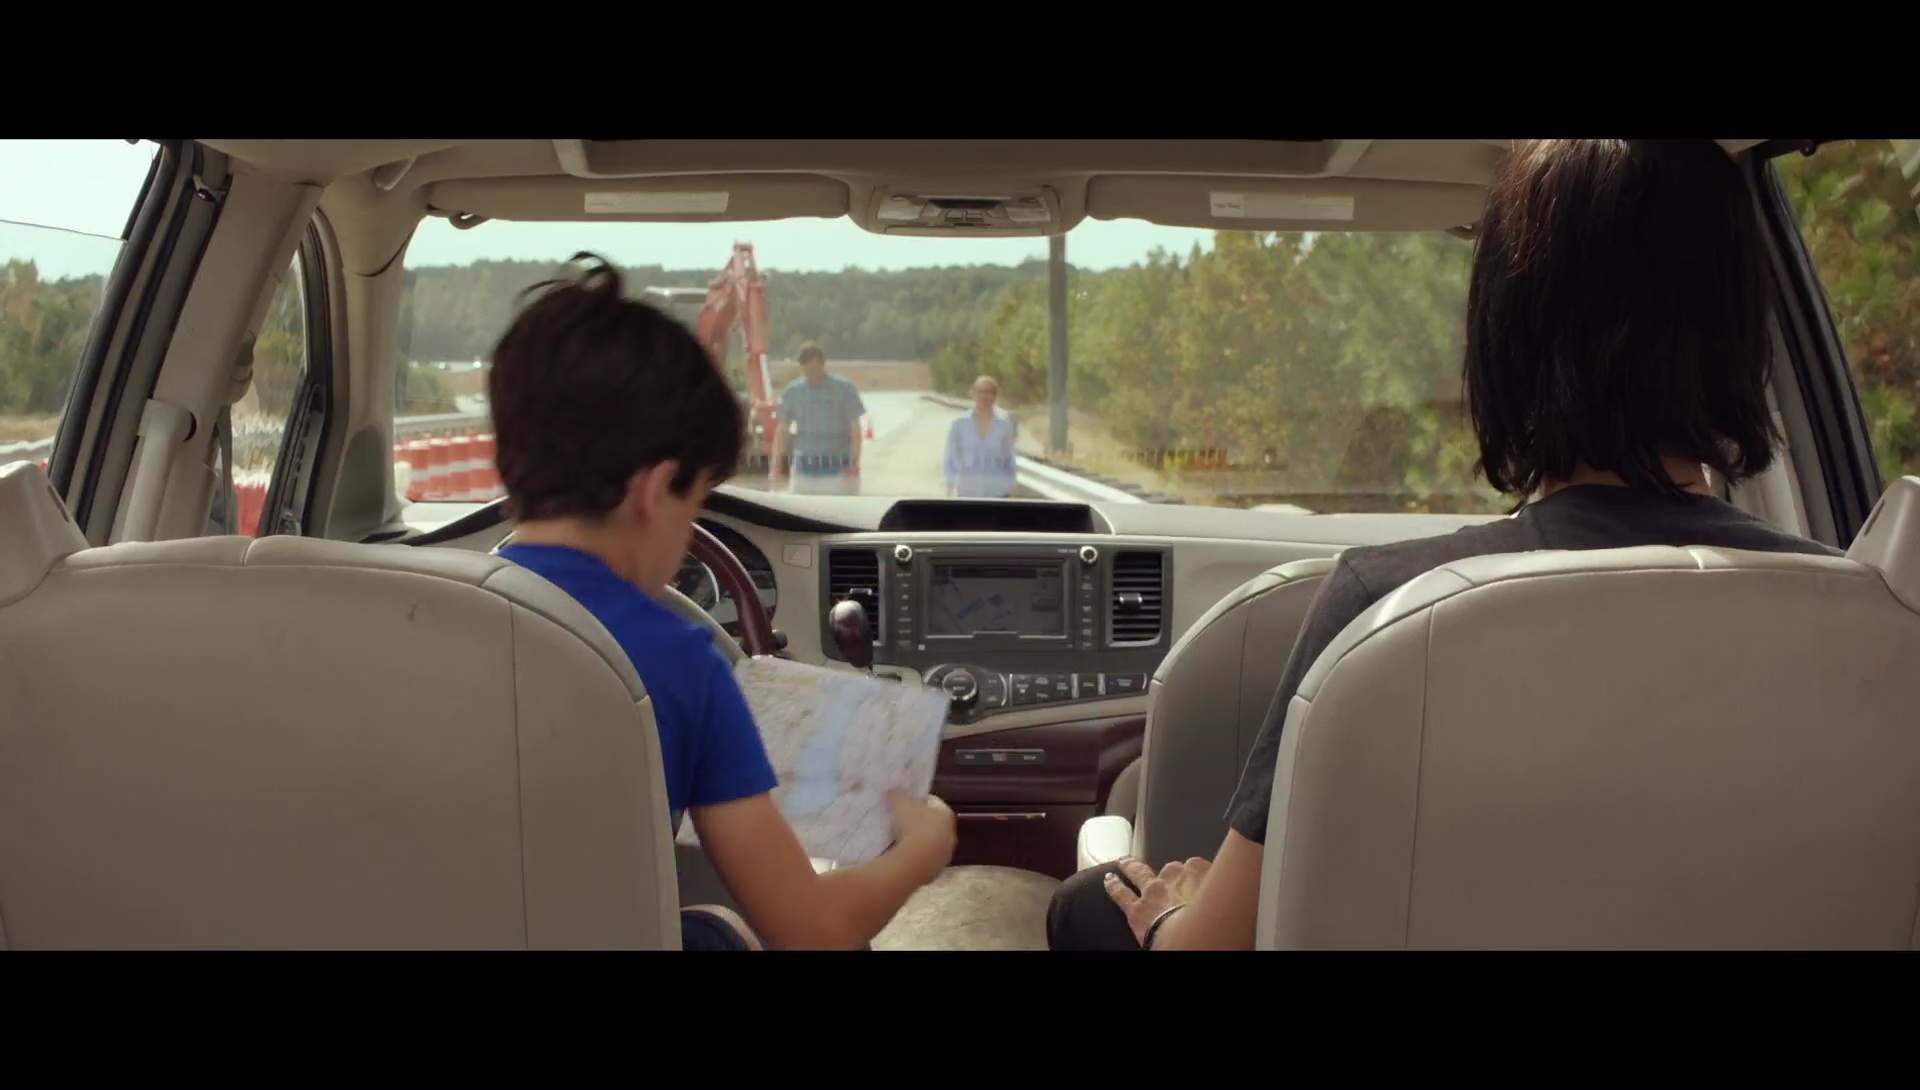 El Diario De Un Chico En Apuros 4 1080p Lat-Cast-Ing 5.1 (2017)